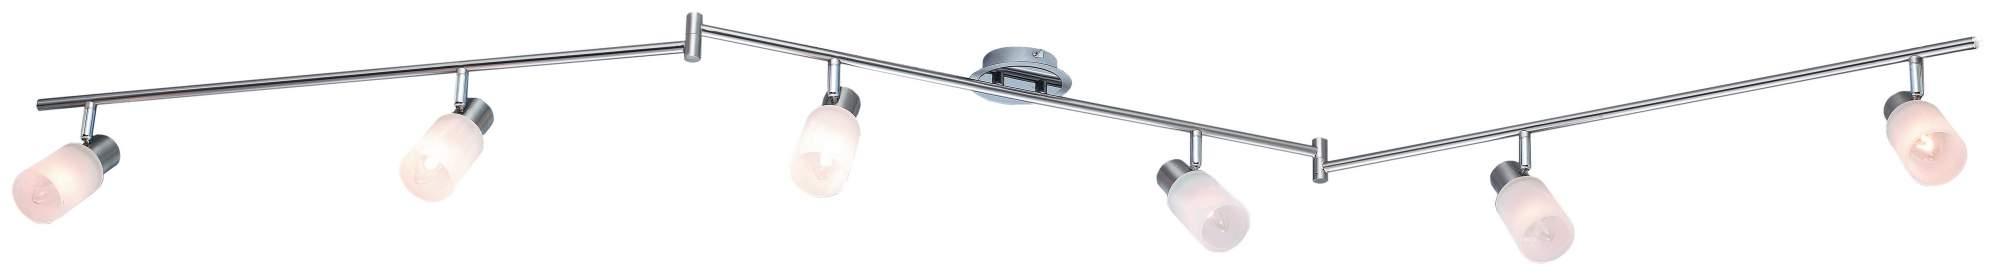 Трековая система Arte Lamp A4510PL-6SS